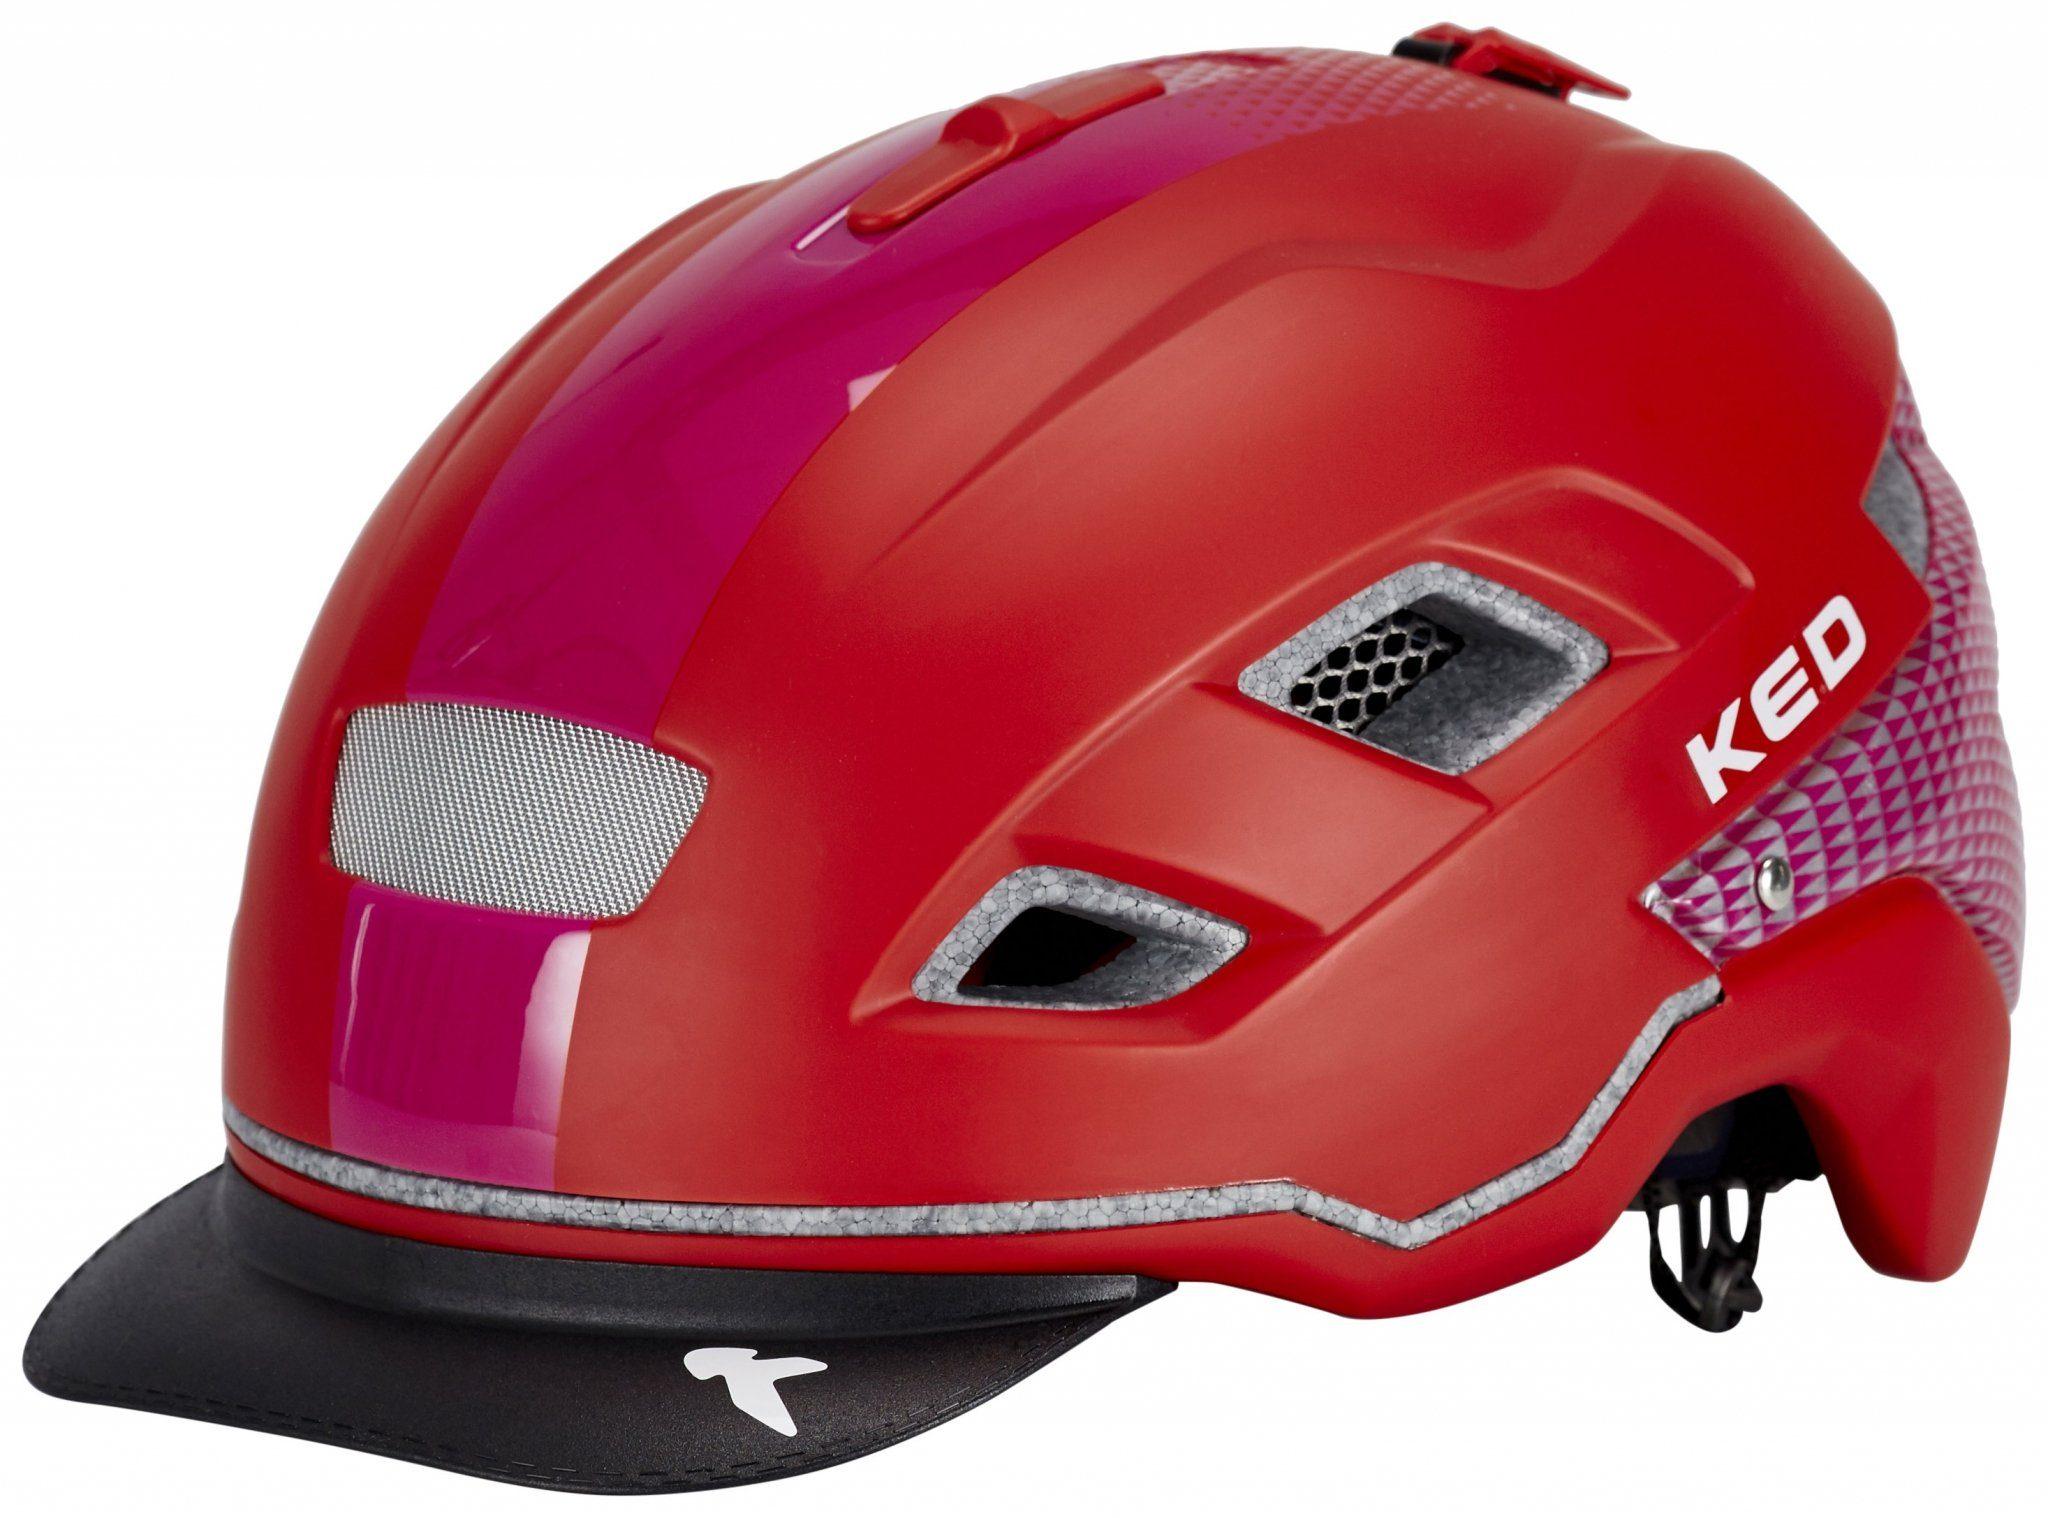 KED Fahrradhelm »Berlin Helmet«